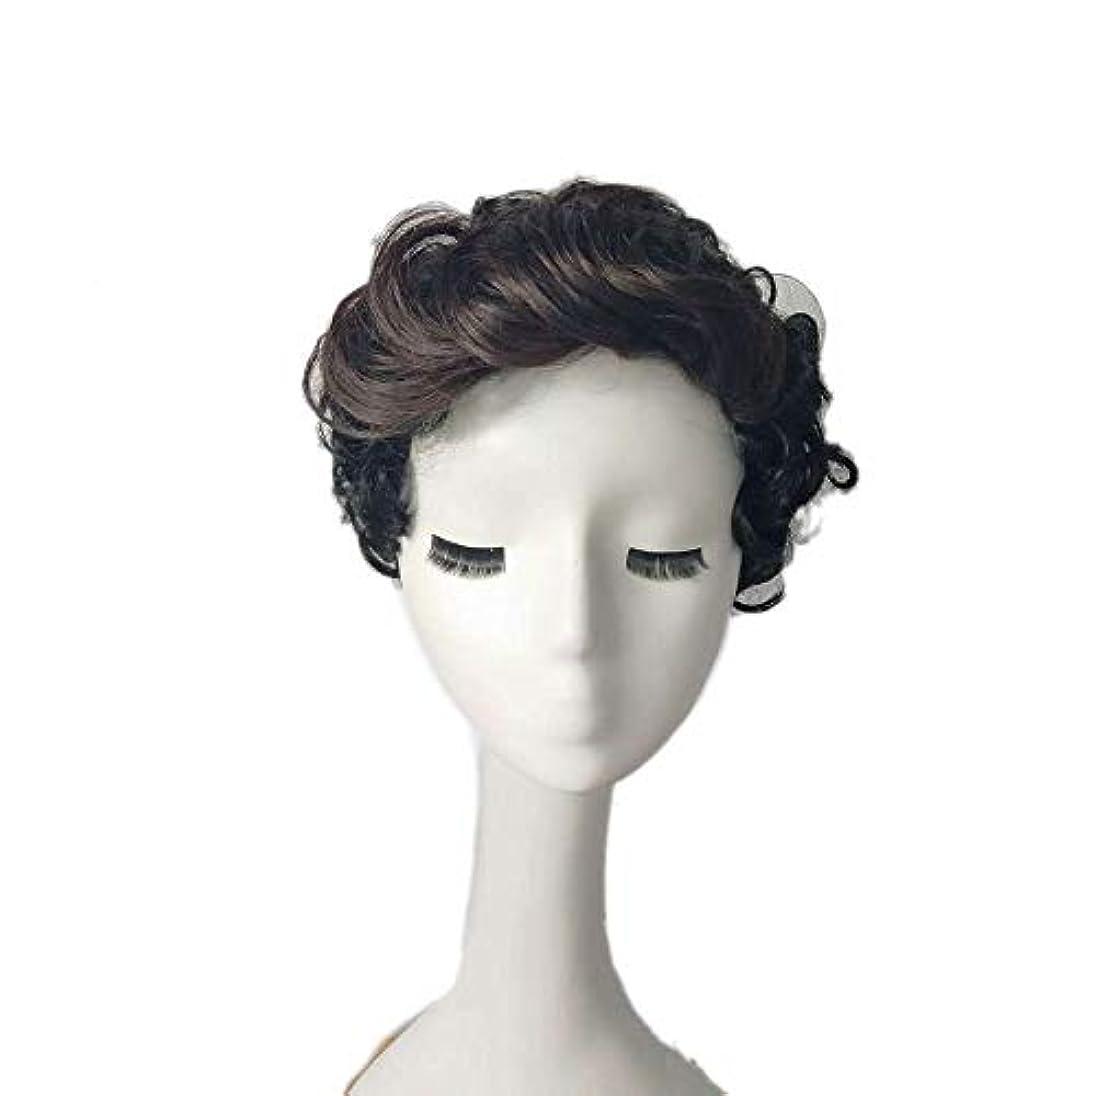 トロピカル胴体ブランド名YOUQIU カーリーウェーブ人工毛ショートボブカーリーヘアウィッグ女性耐熱ファイバーウィッグの場合 (色 : 黒)